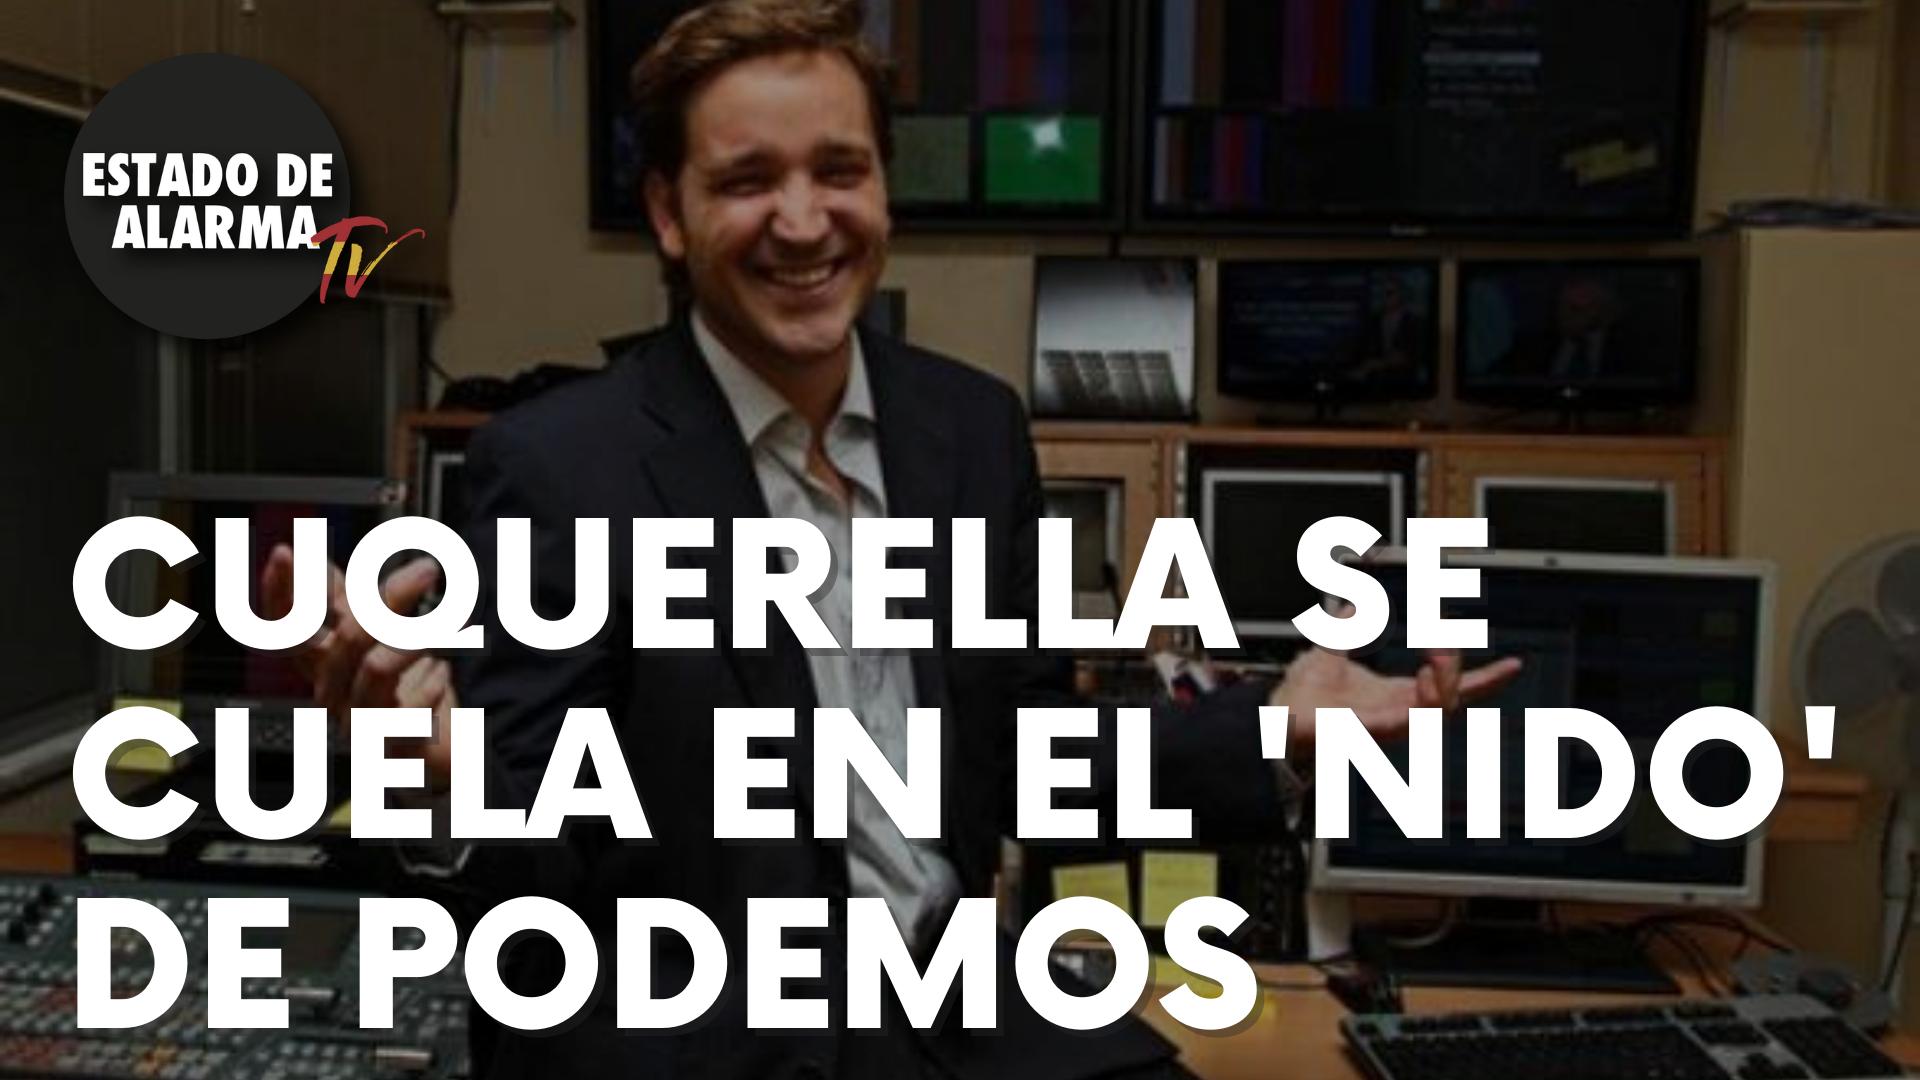 Marcial Cuquerella se cuela en el 'nido' de Podemos